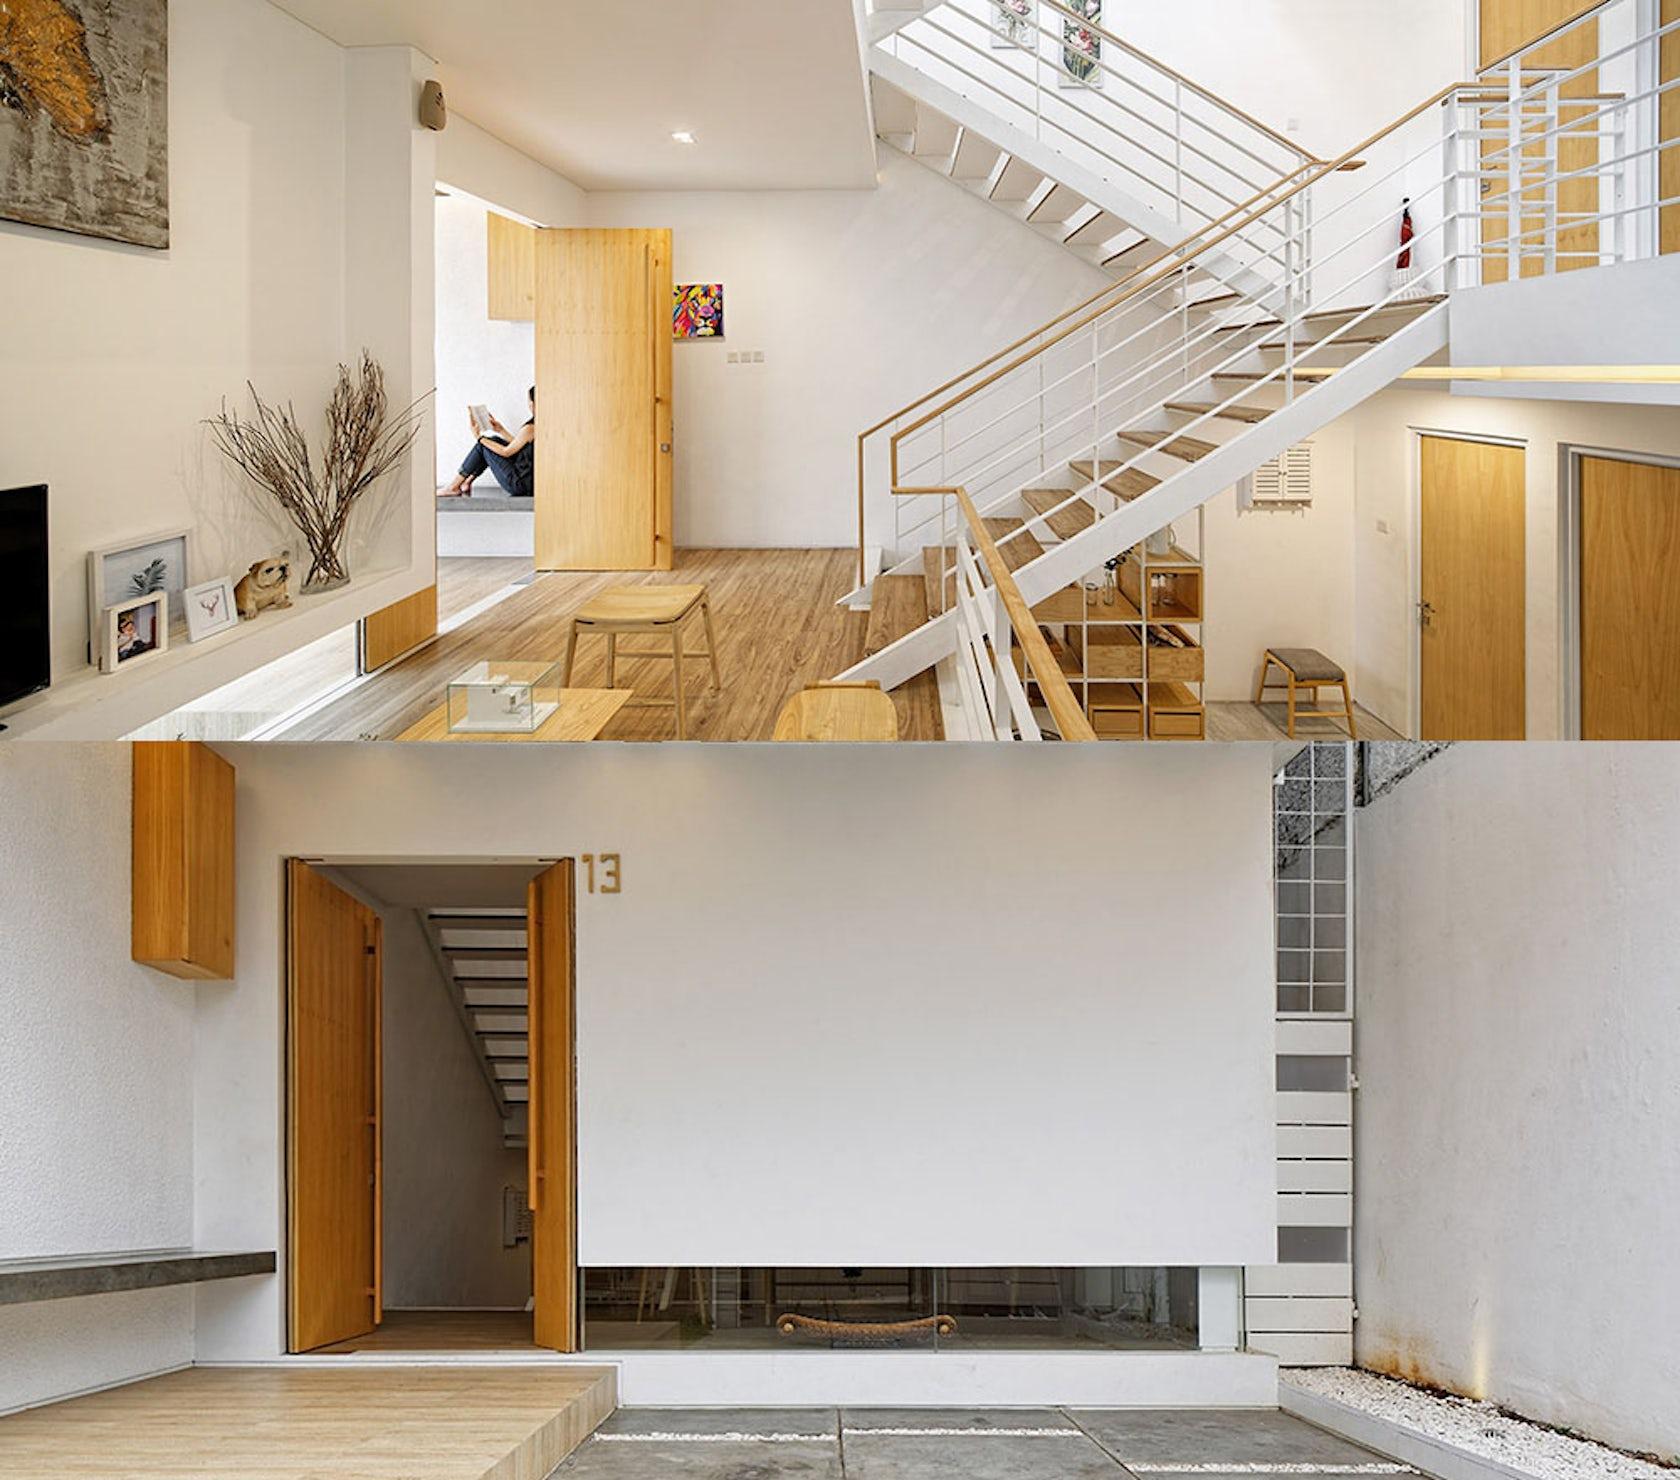 Dari penjelasan proyek di website resmi Delution, konsep split house pada rumah ini menciptakan jenis lantai yang terhitung setengah. Susunannya ada lantai setengah, lantai satu, lantai satu setengah, lantai dua dan lantai dua setengah.